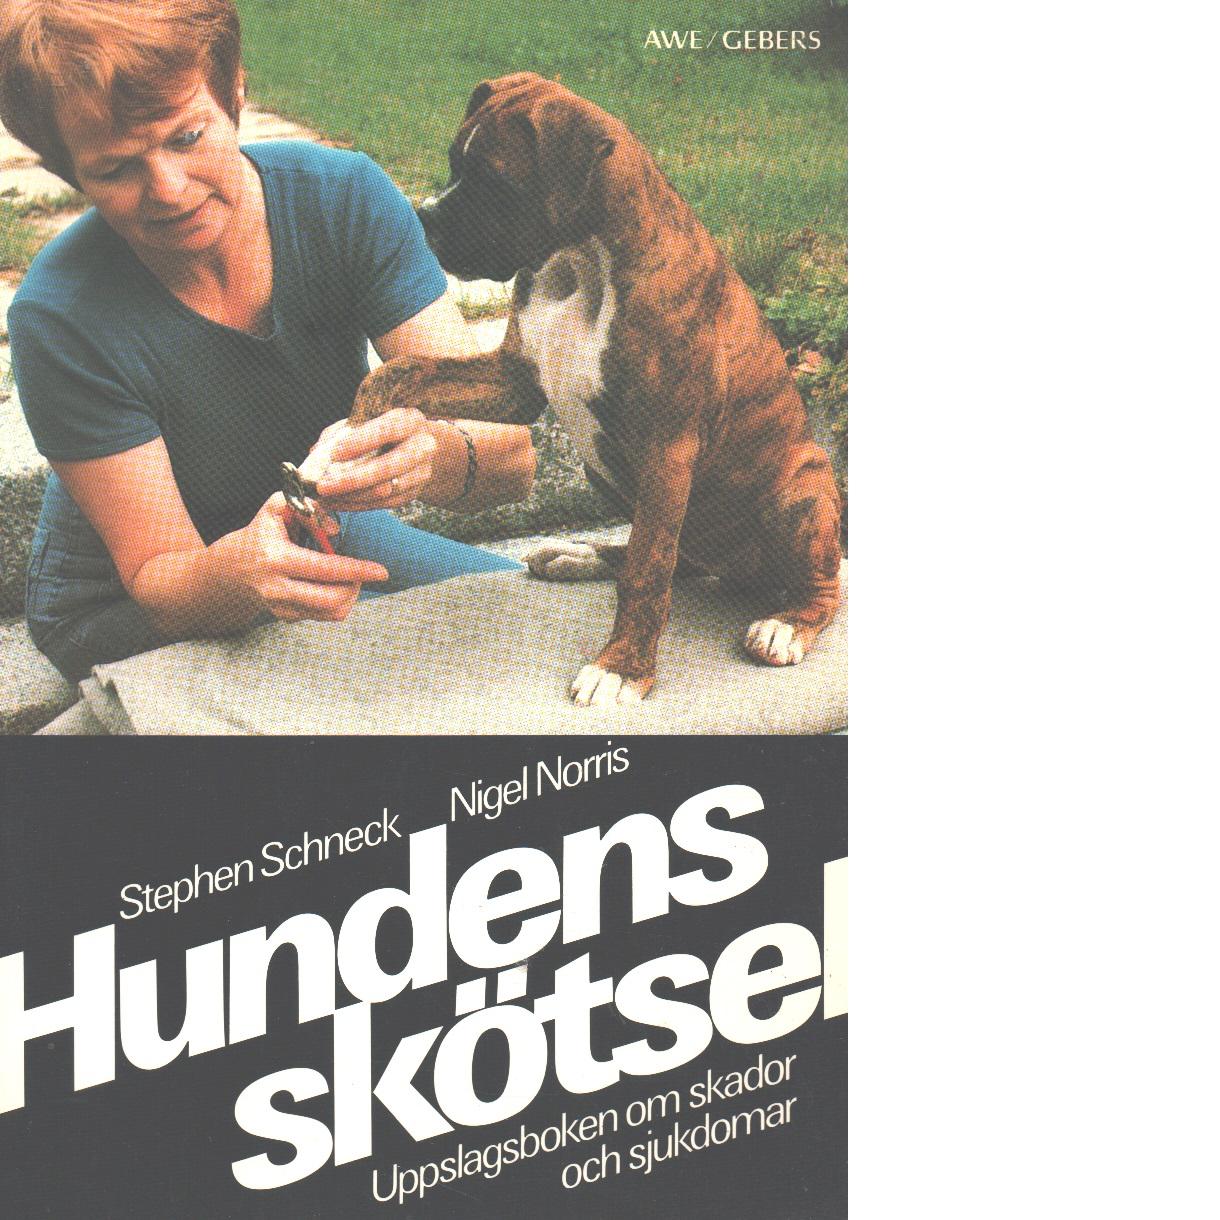 Hundens skötsel : uppslagsboken om skador och sjukdomar - Schneck, Stephen  och Norris, Nigel